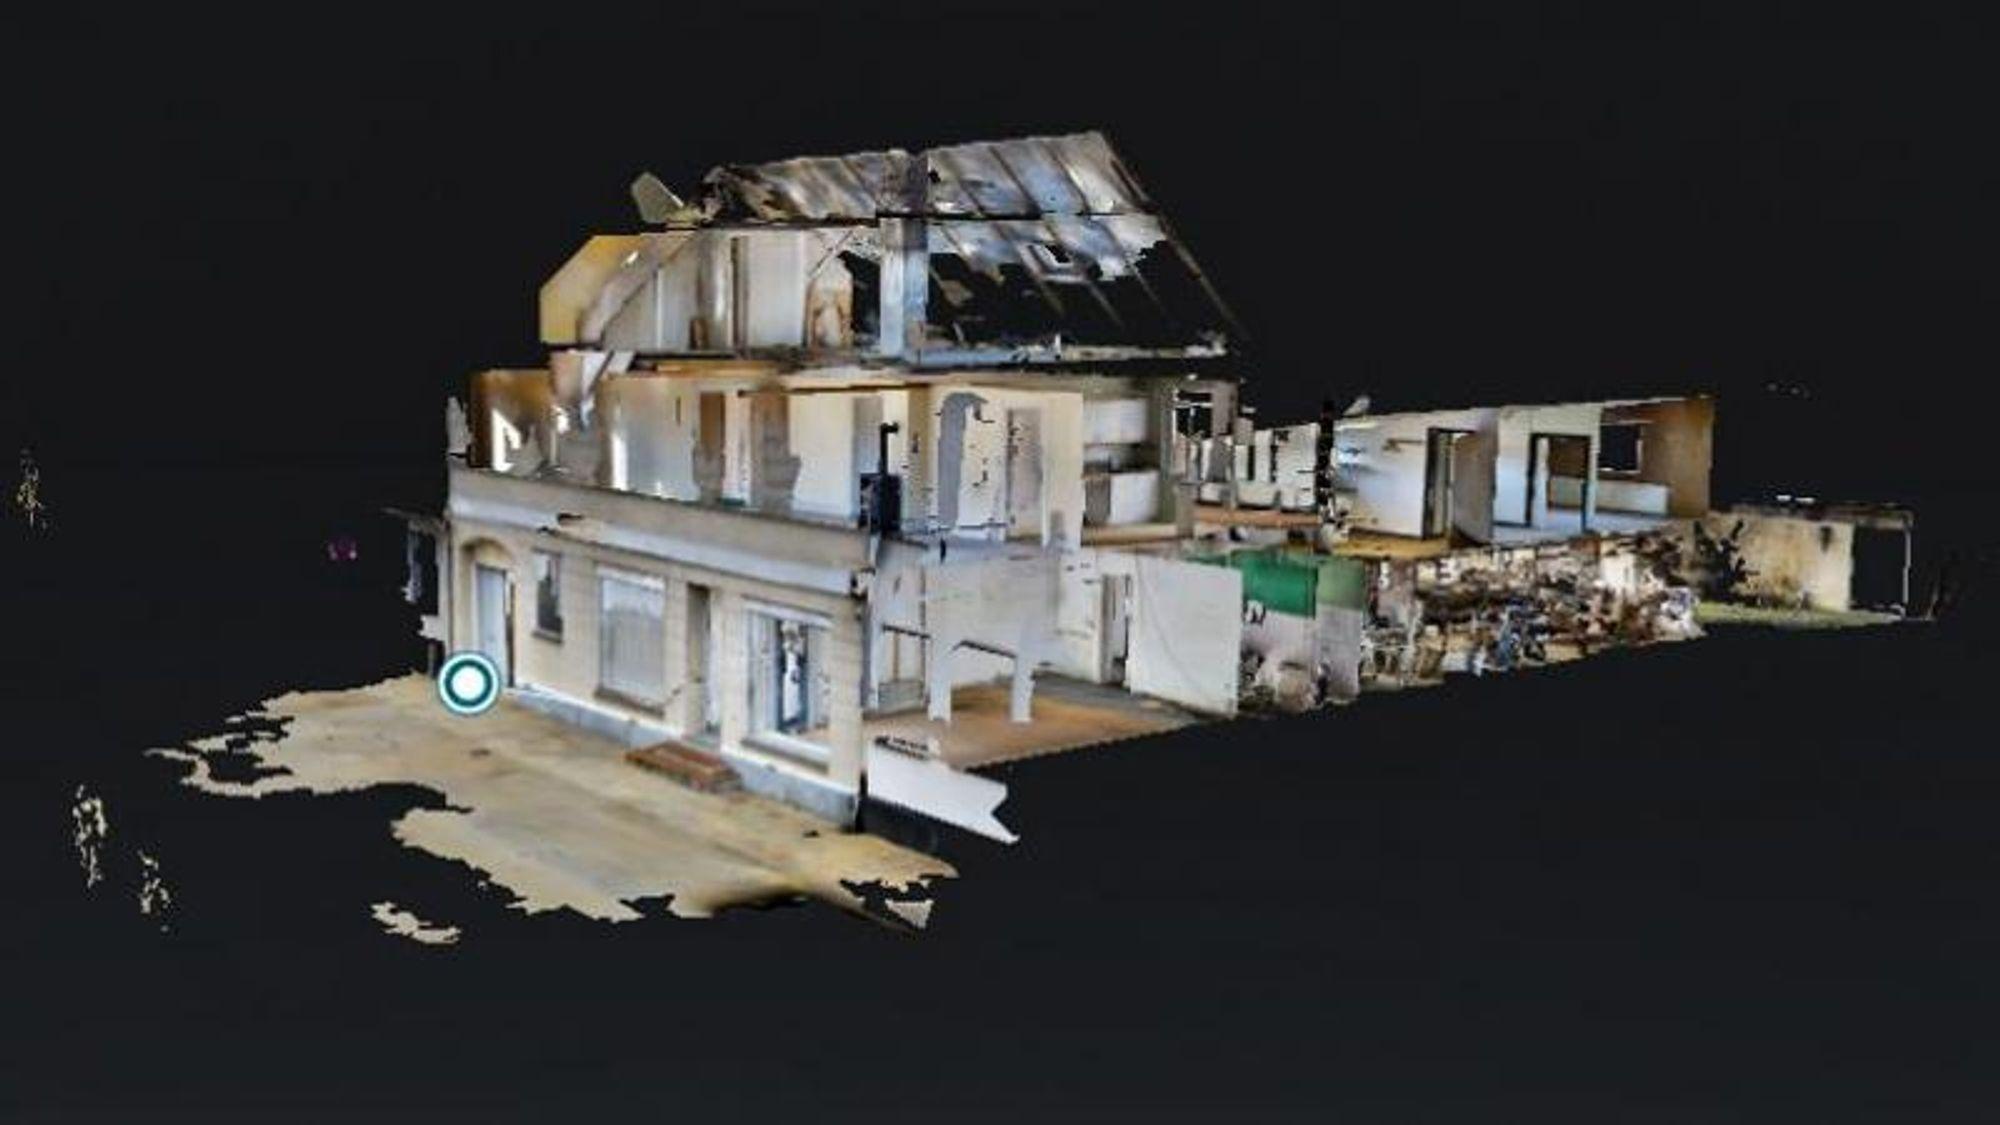 Slik ser Ørstedsgade 26 ut på en 3D-modell. 3D-kamera og drone-3D-oppmålinger er noen av de verktøyene som Region Syddanmark og partnerne deres på prosjektet har testet som miljøteknologi.